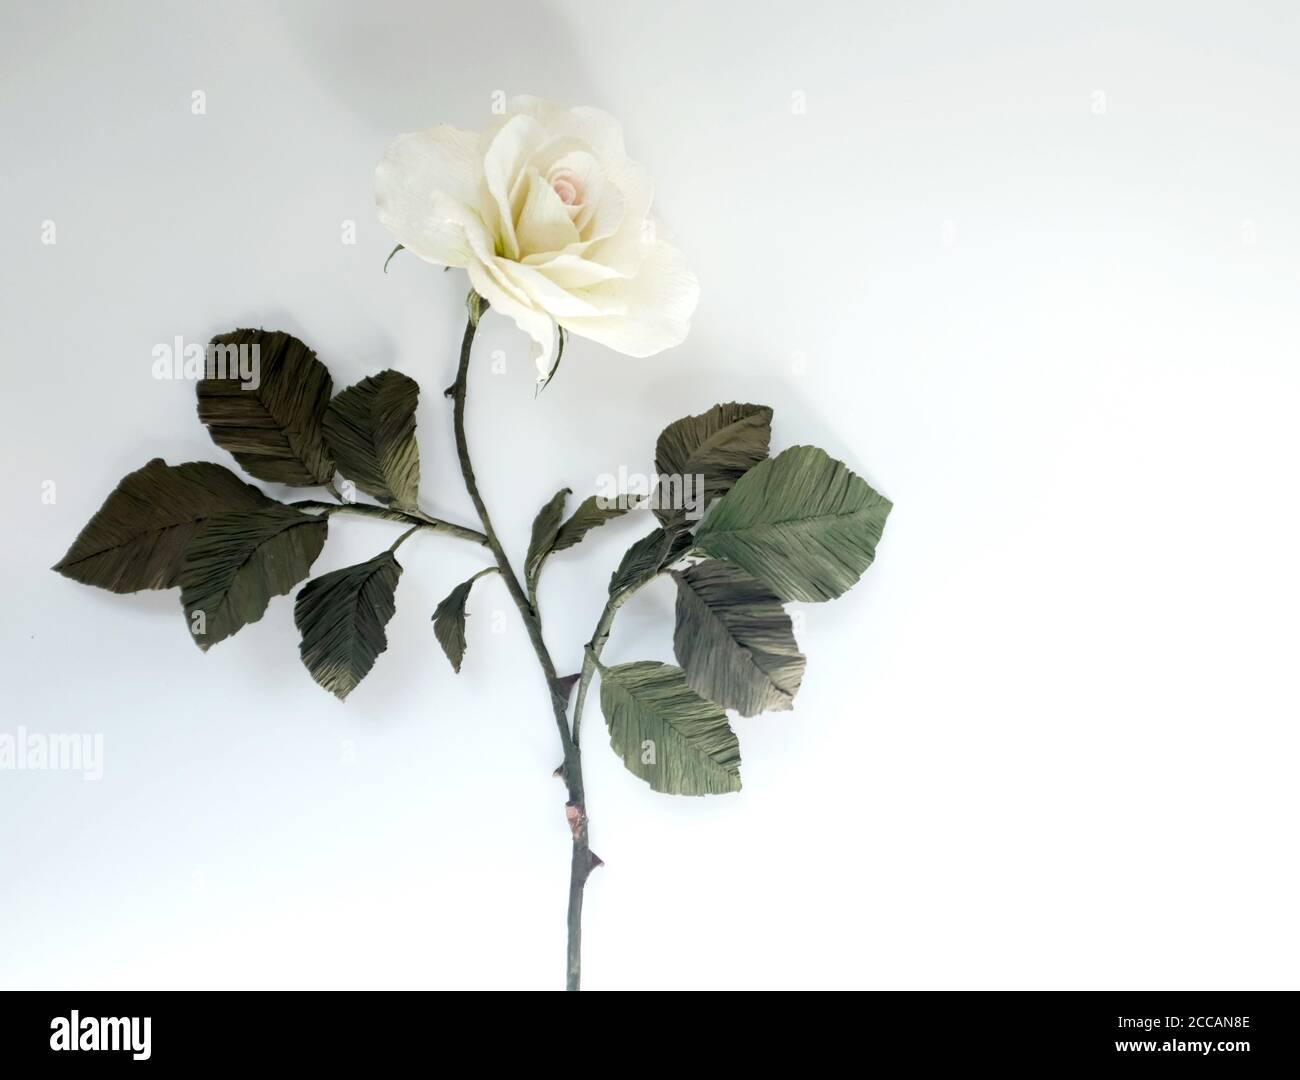 Papierblume (Weiße Rose mit grünen Blättern) Mit Kopierbereich Stockfoto